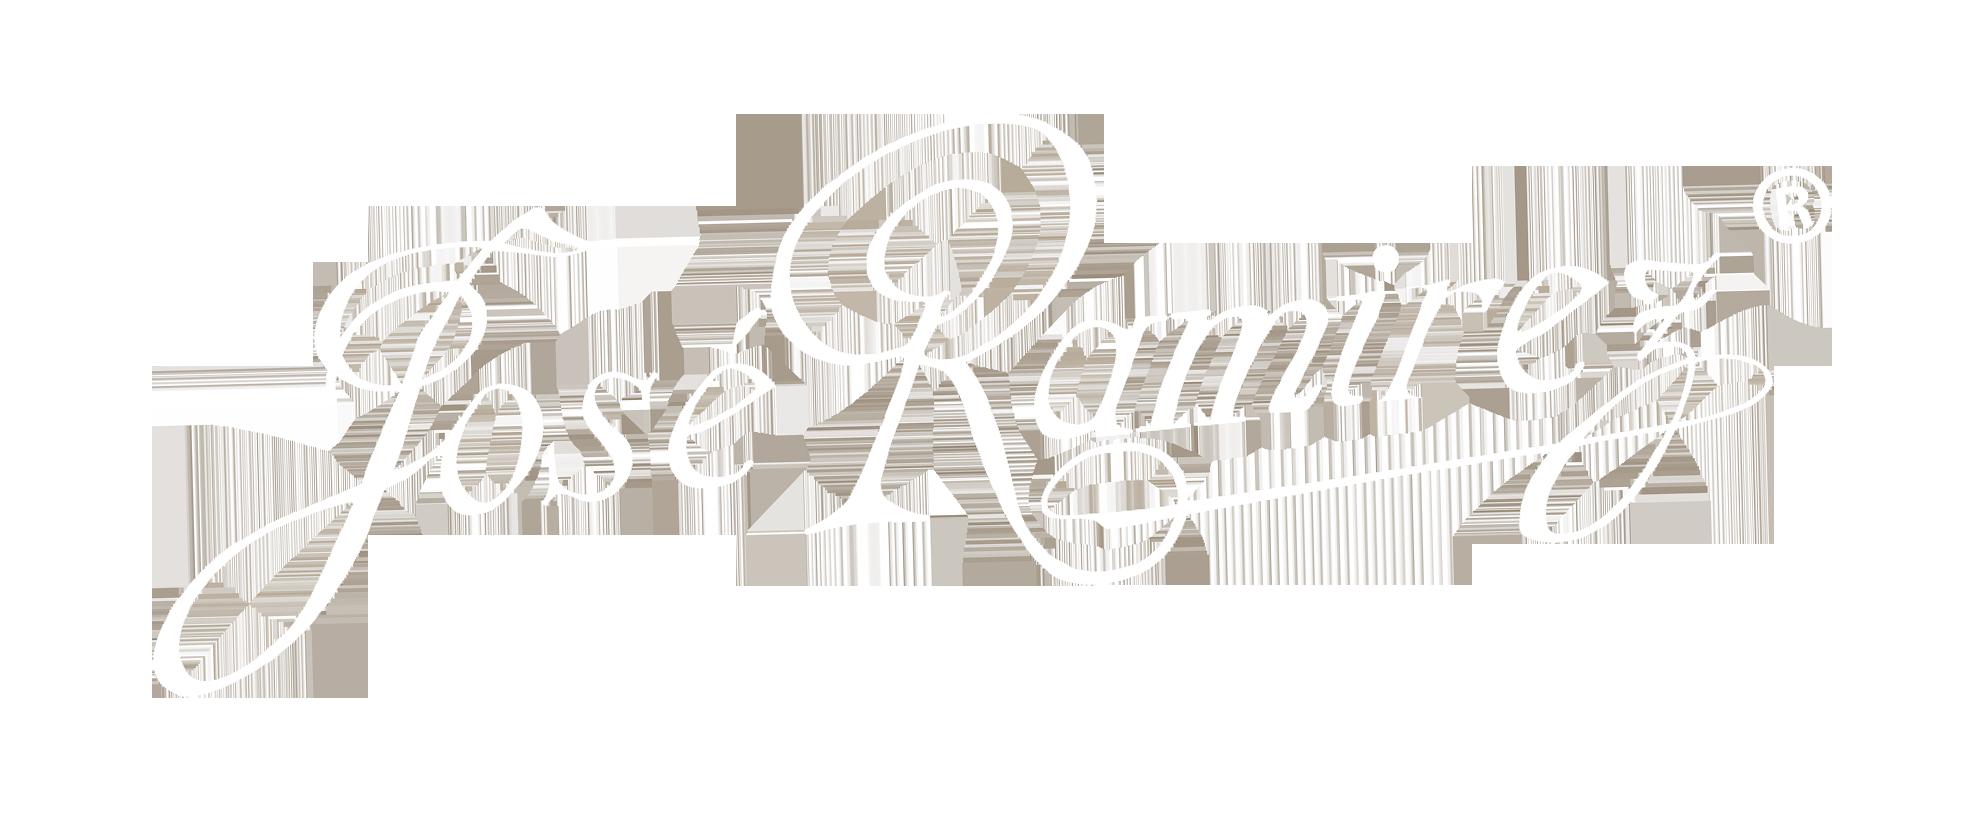 Guitarras Jose Ramirez